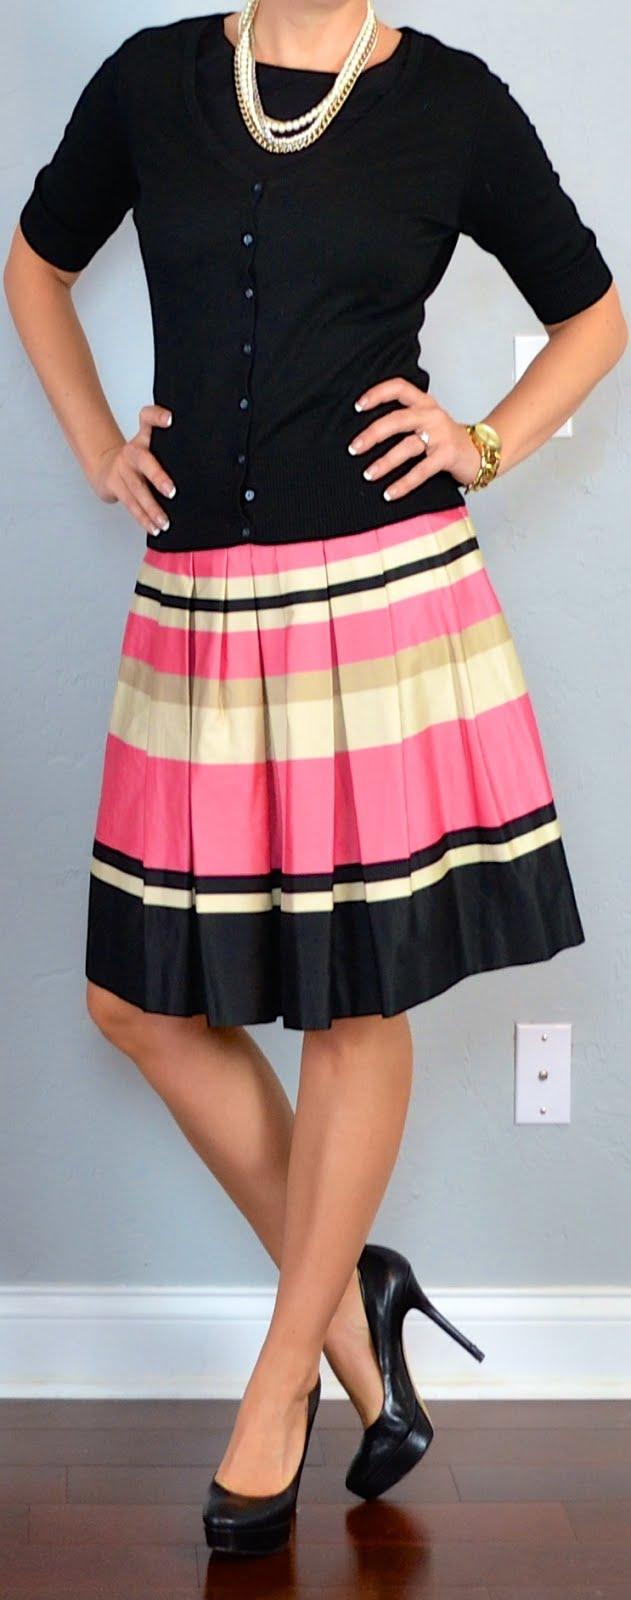 b75a4-1stripedfullskirt